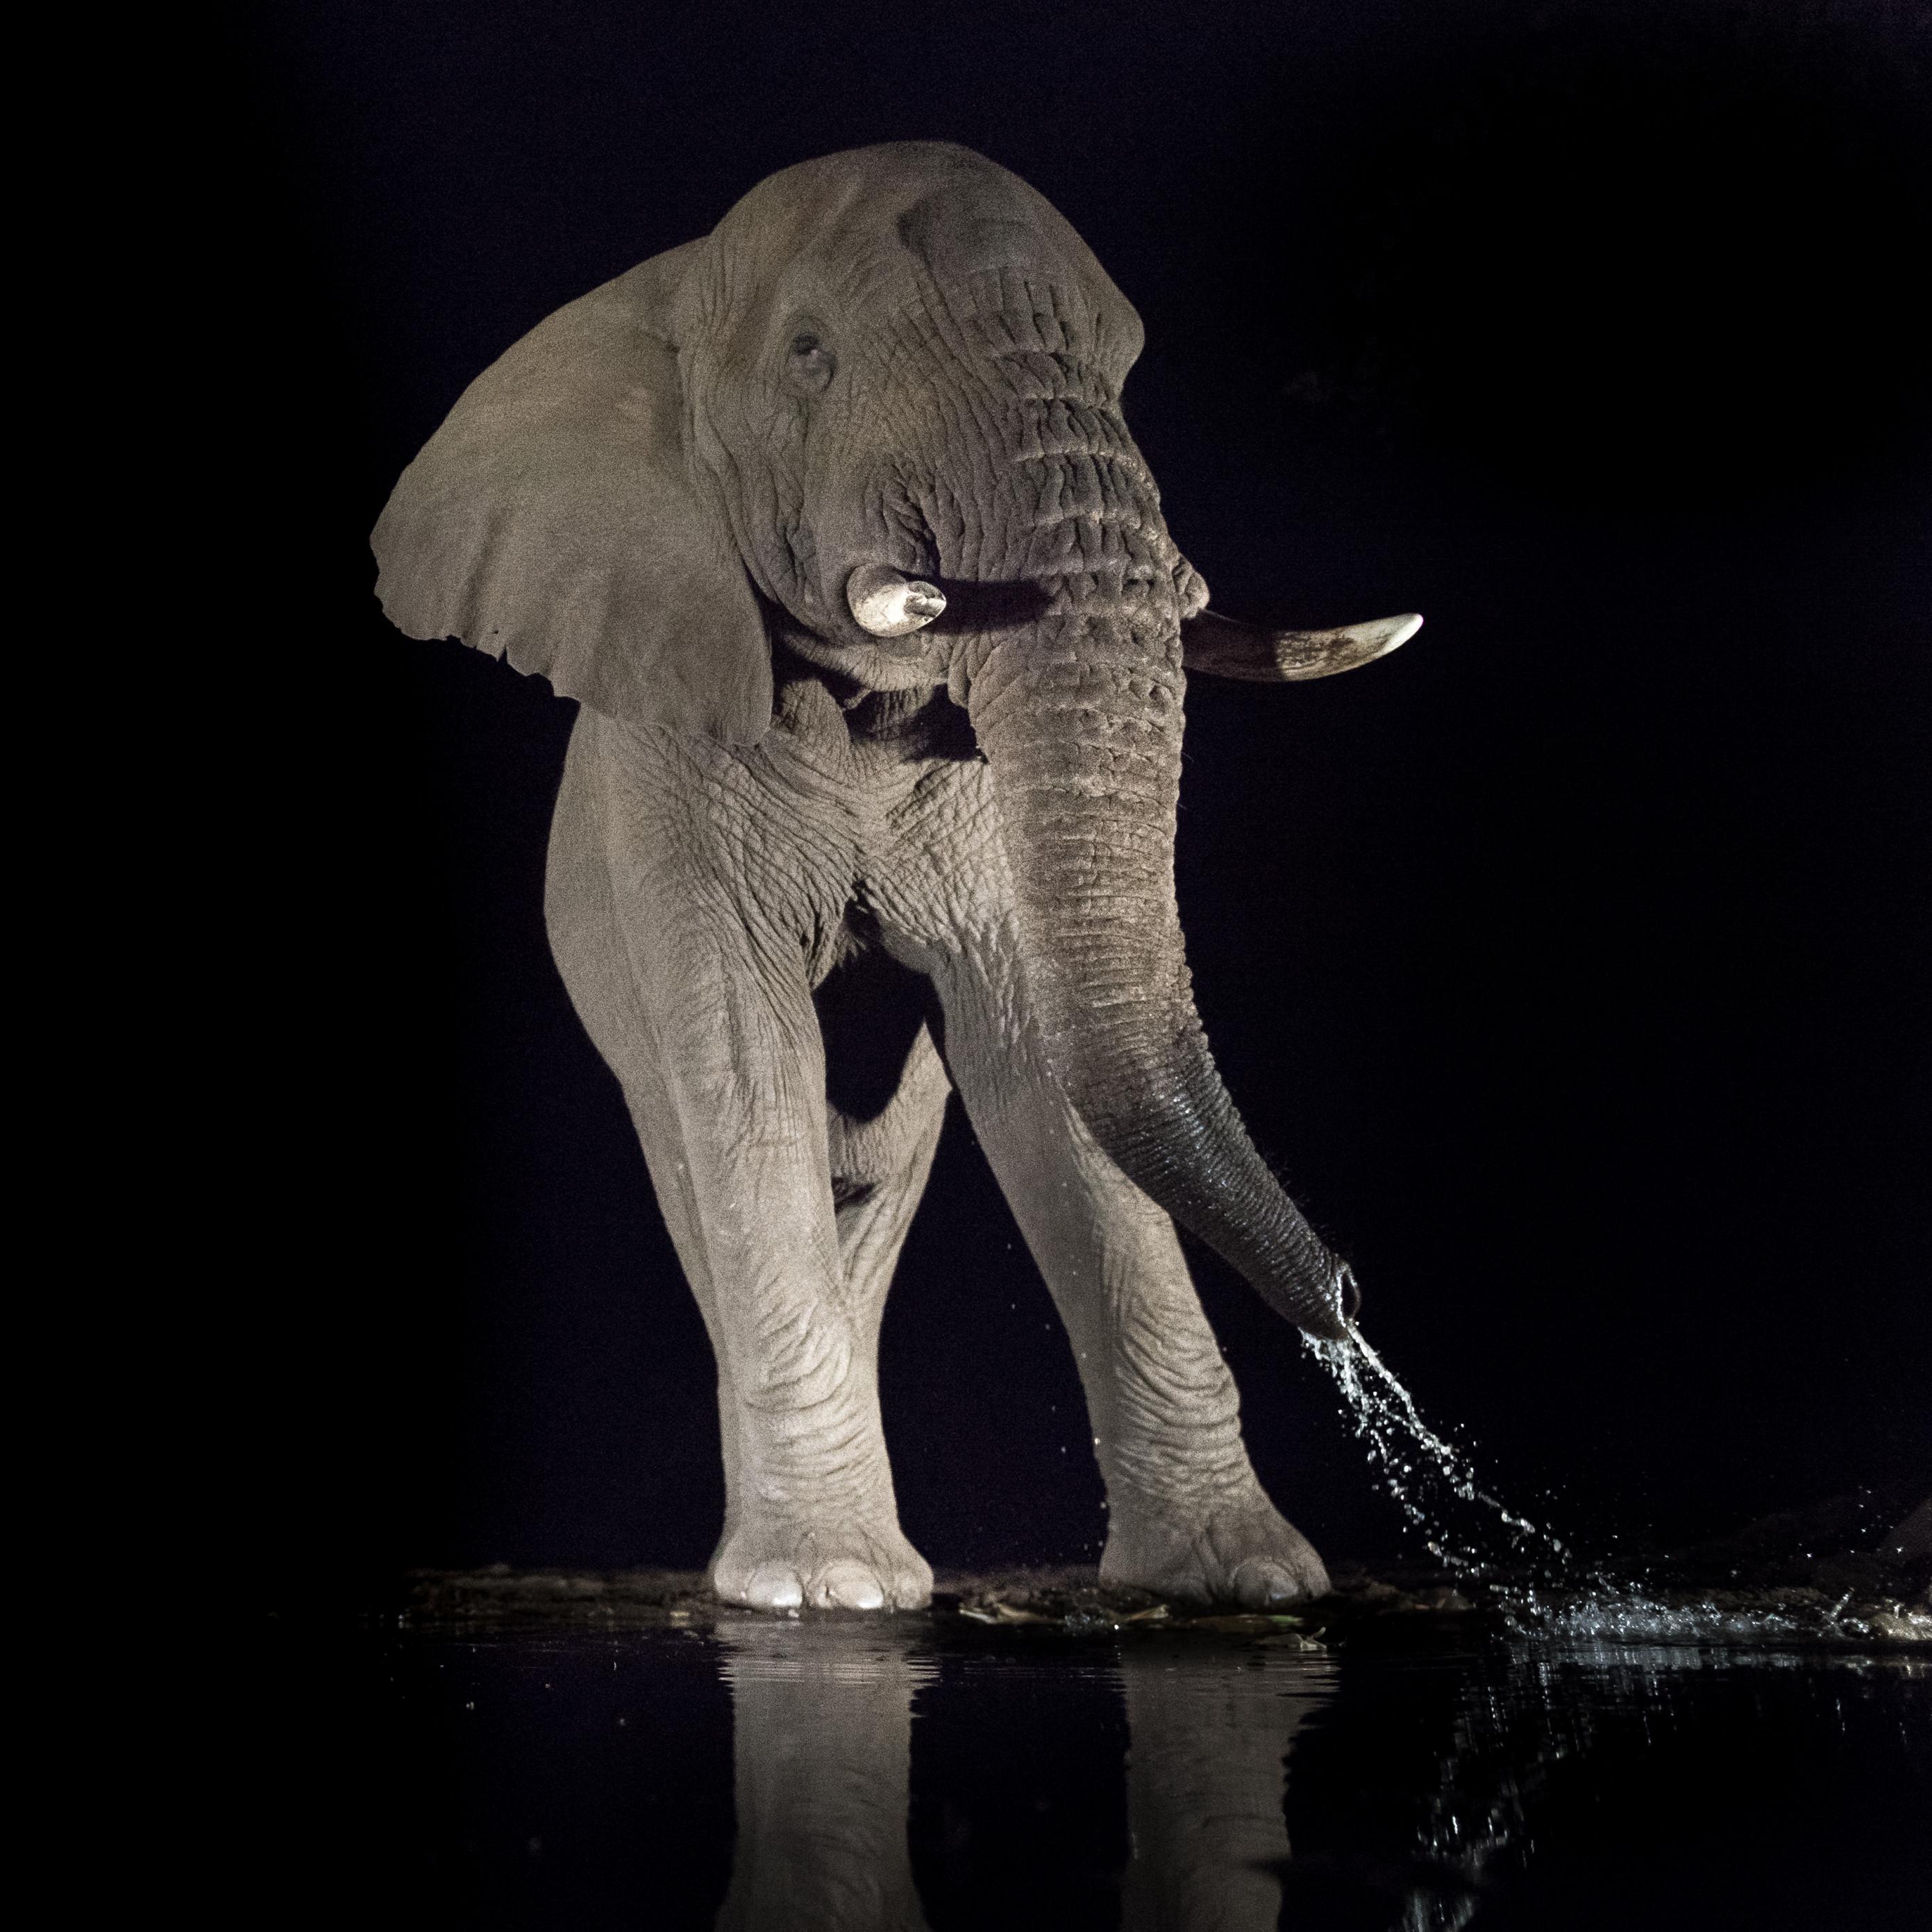 wildlife zimanga 7000